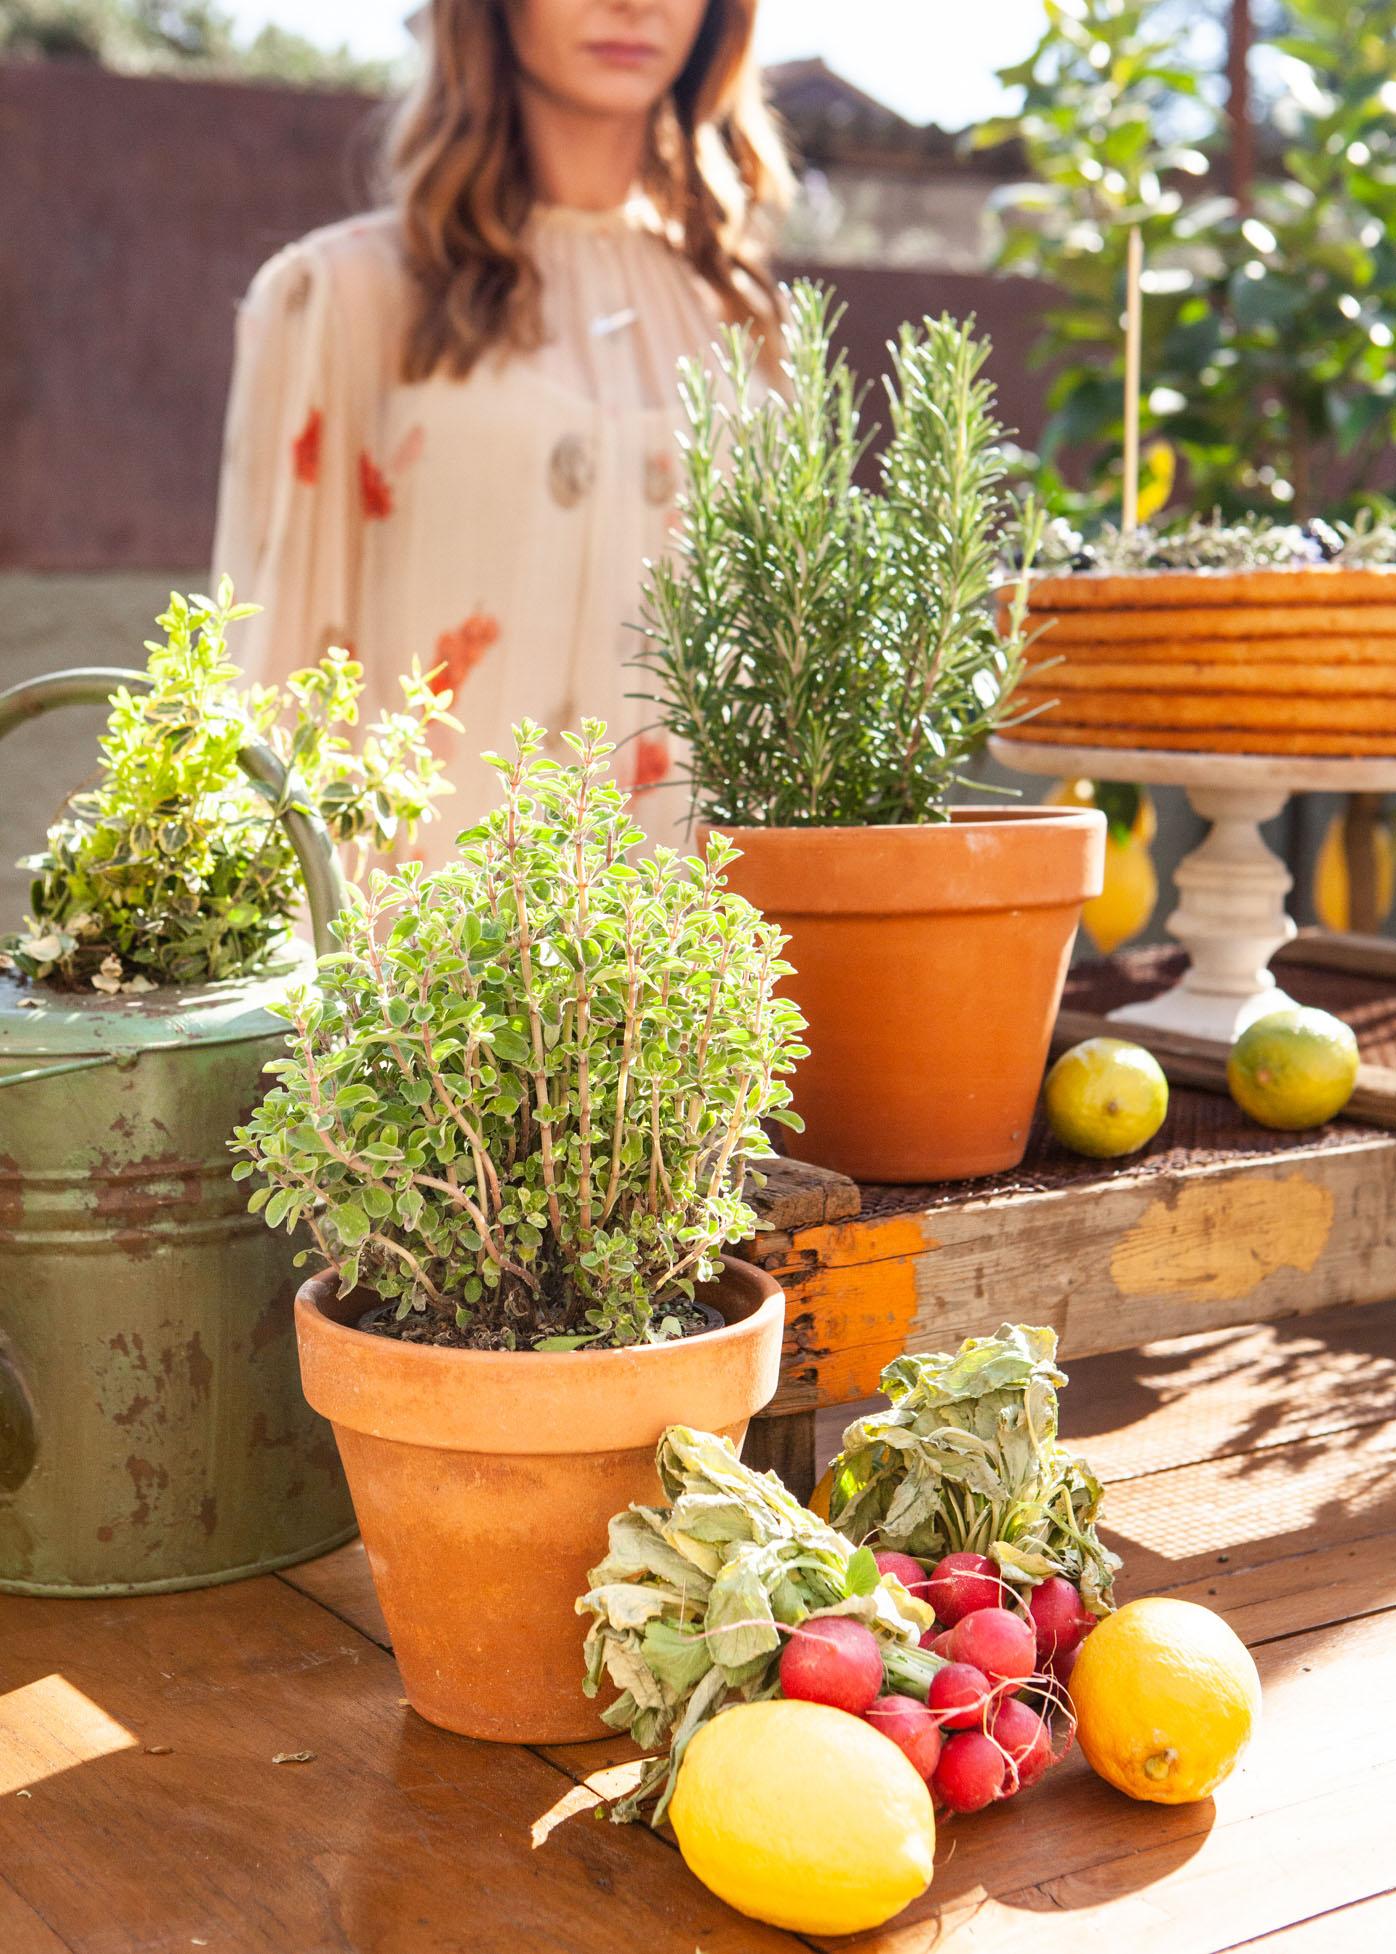 Erbe aromatiche frutta verdura